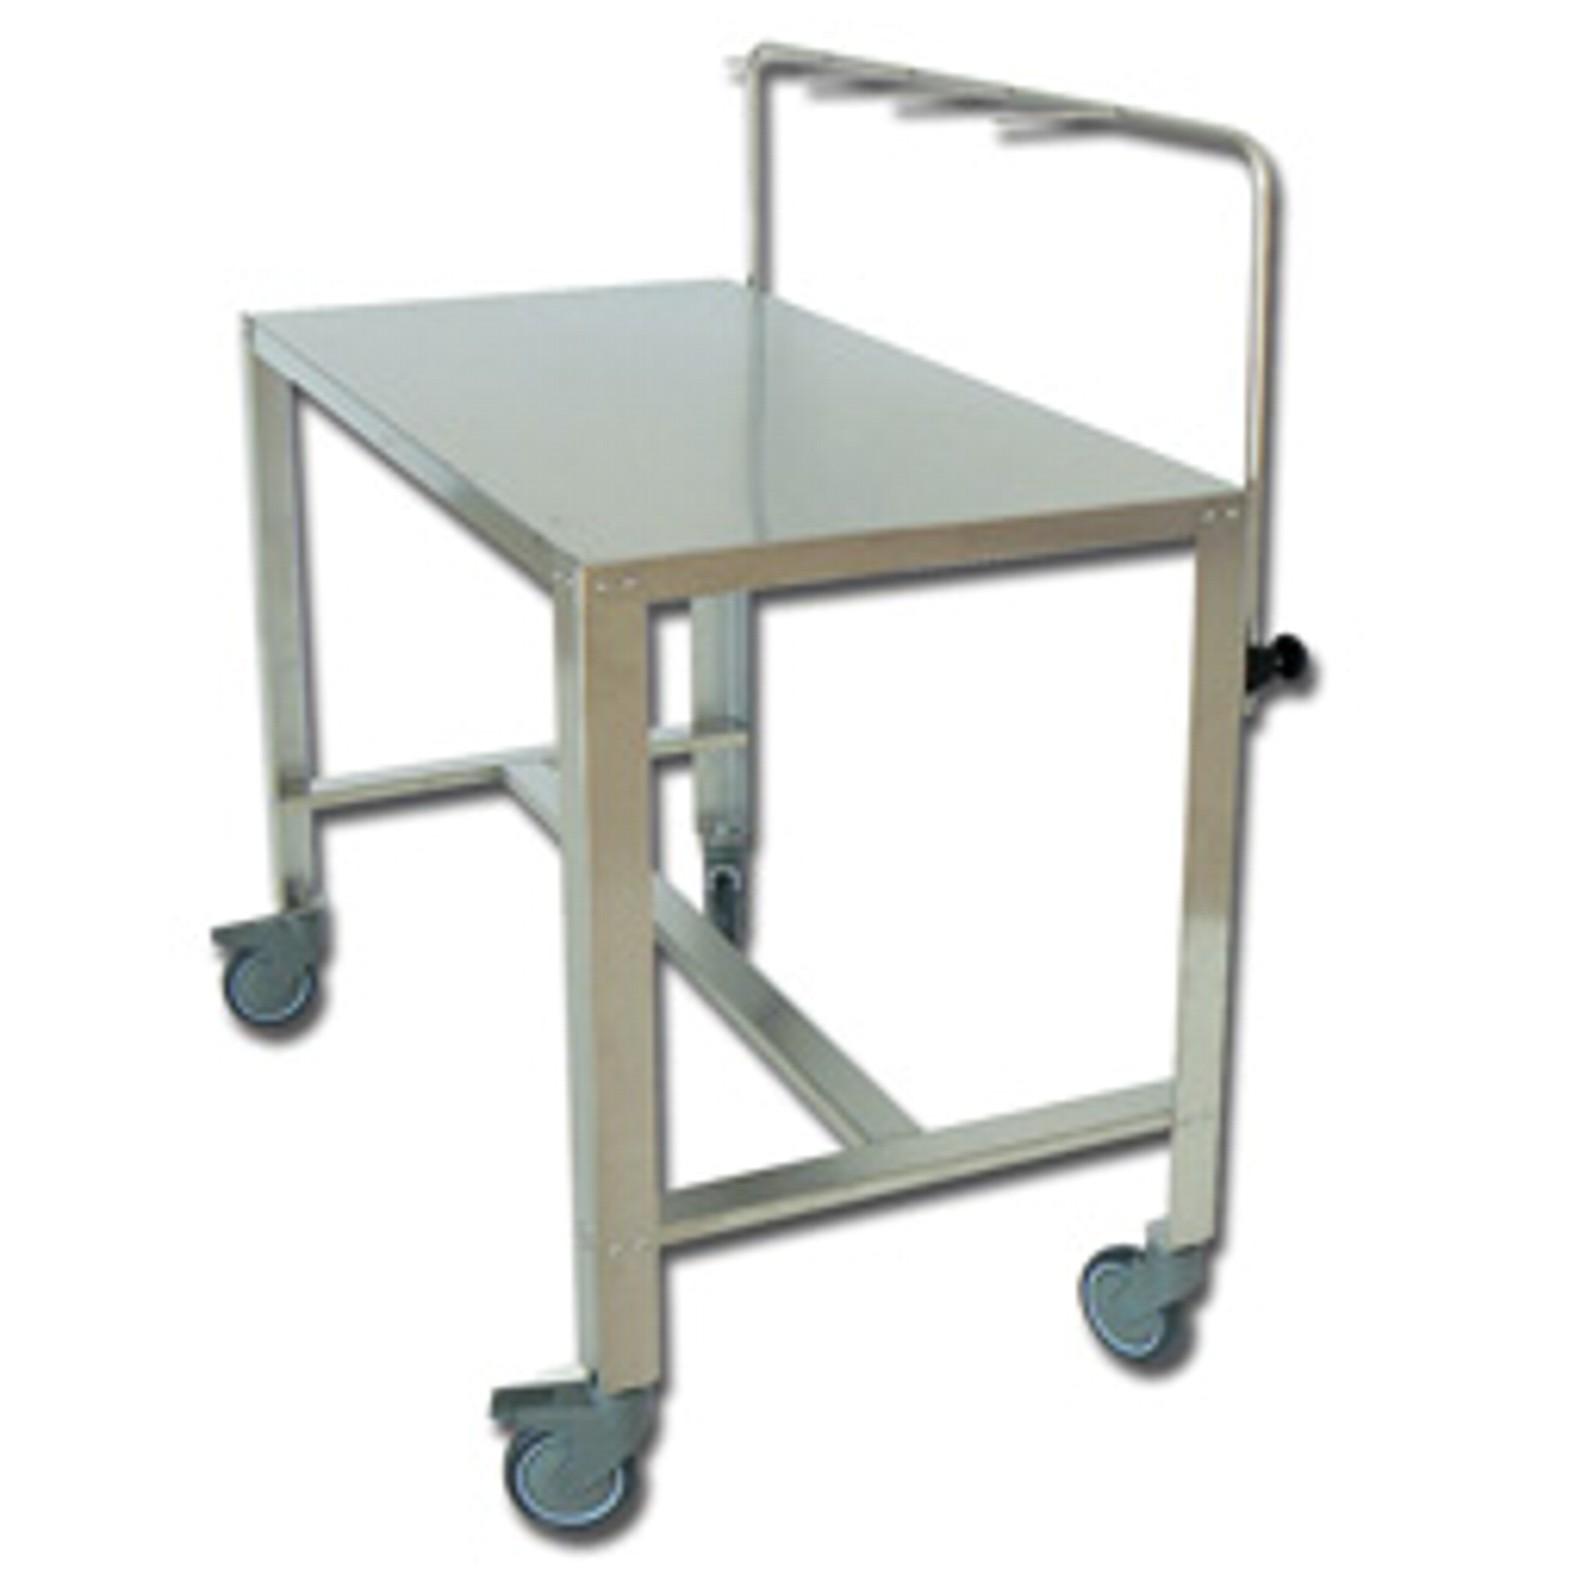 Rozsdamentes műszer asztal 1 polcos - 120 x 65 x h 95 cm.